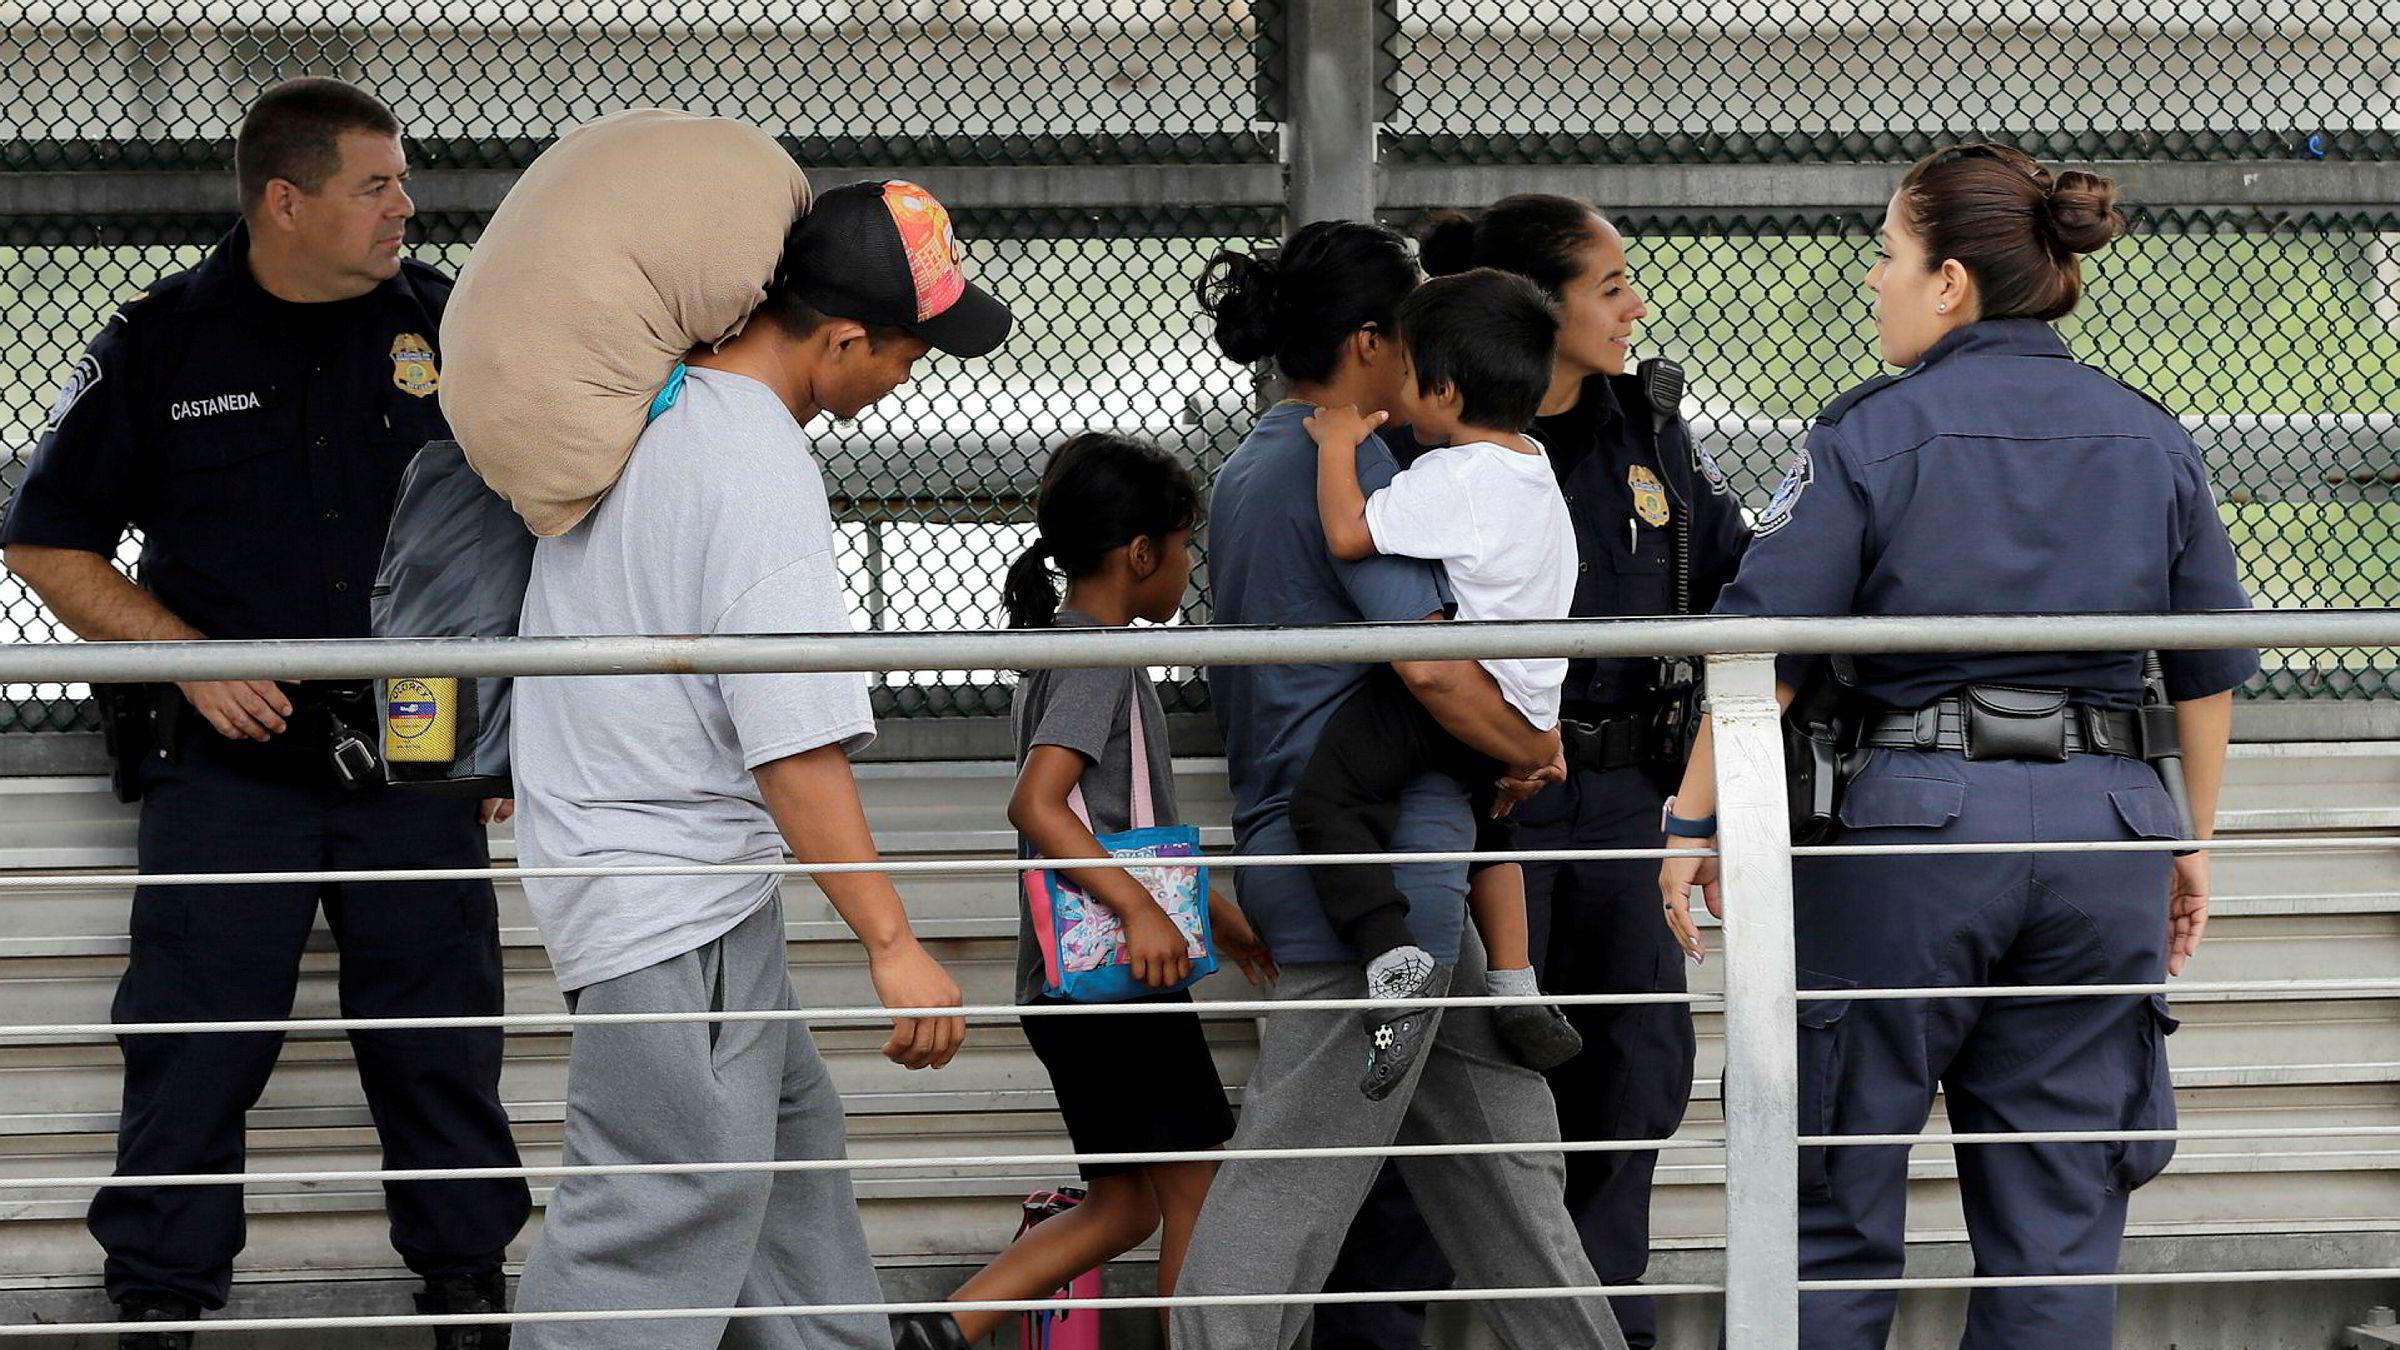 En honduransk familie eskorteres tilbake over grensa mot Mexico av amerikansk grensepoliti. Familien sa de fikk beskjed om at de ville bli skilt fra barna og valgte å frivillig dra tilbake til Mexico.